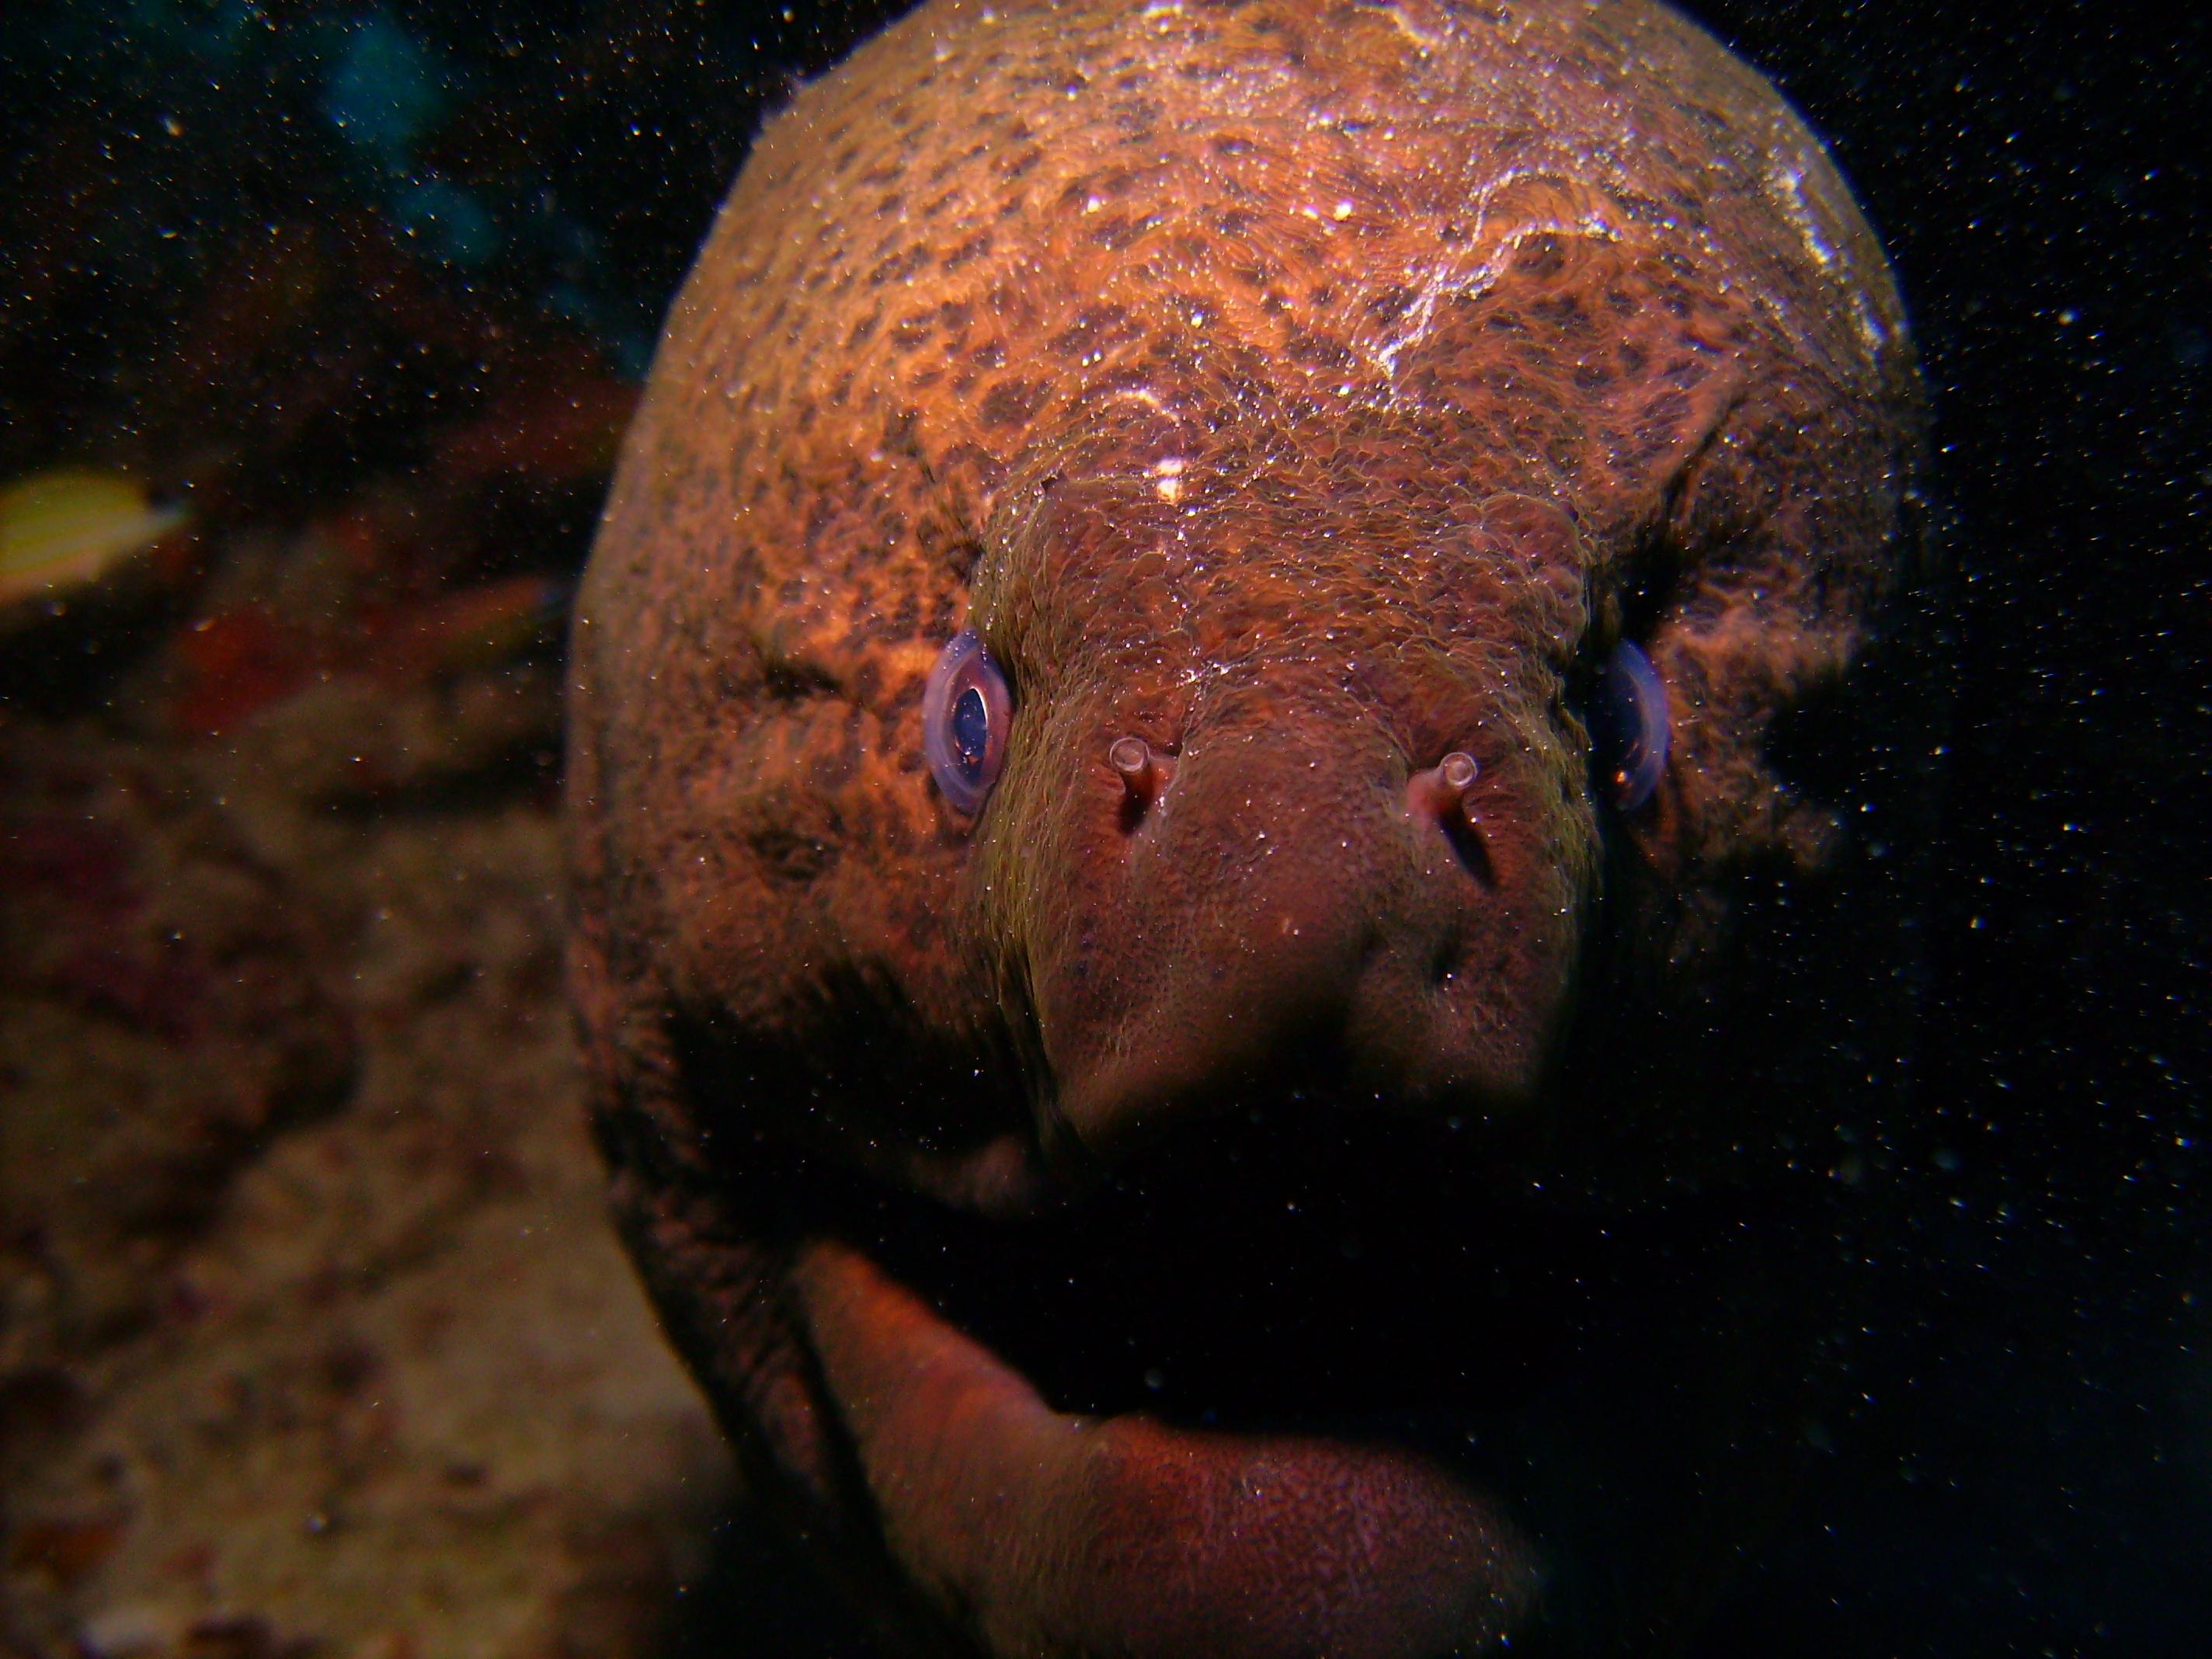 Javaneese morray eel